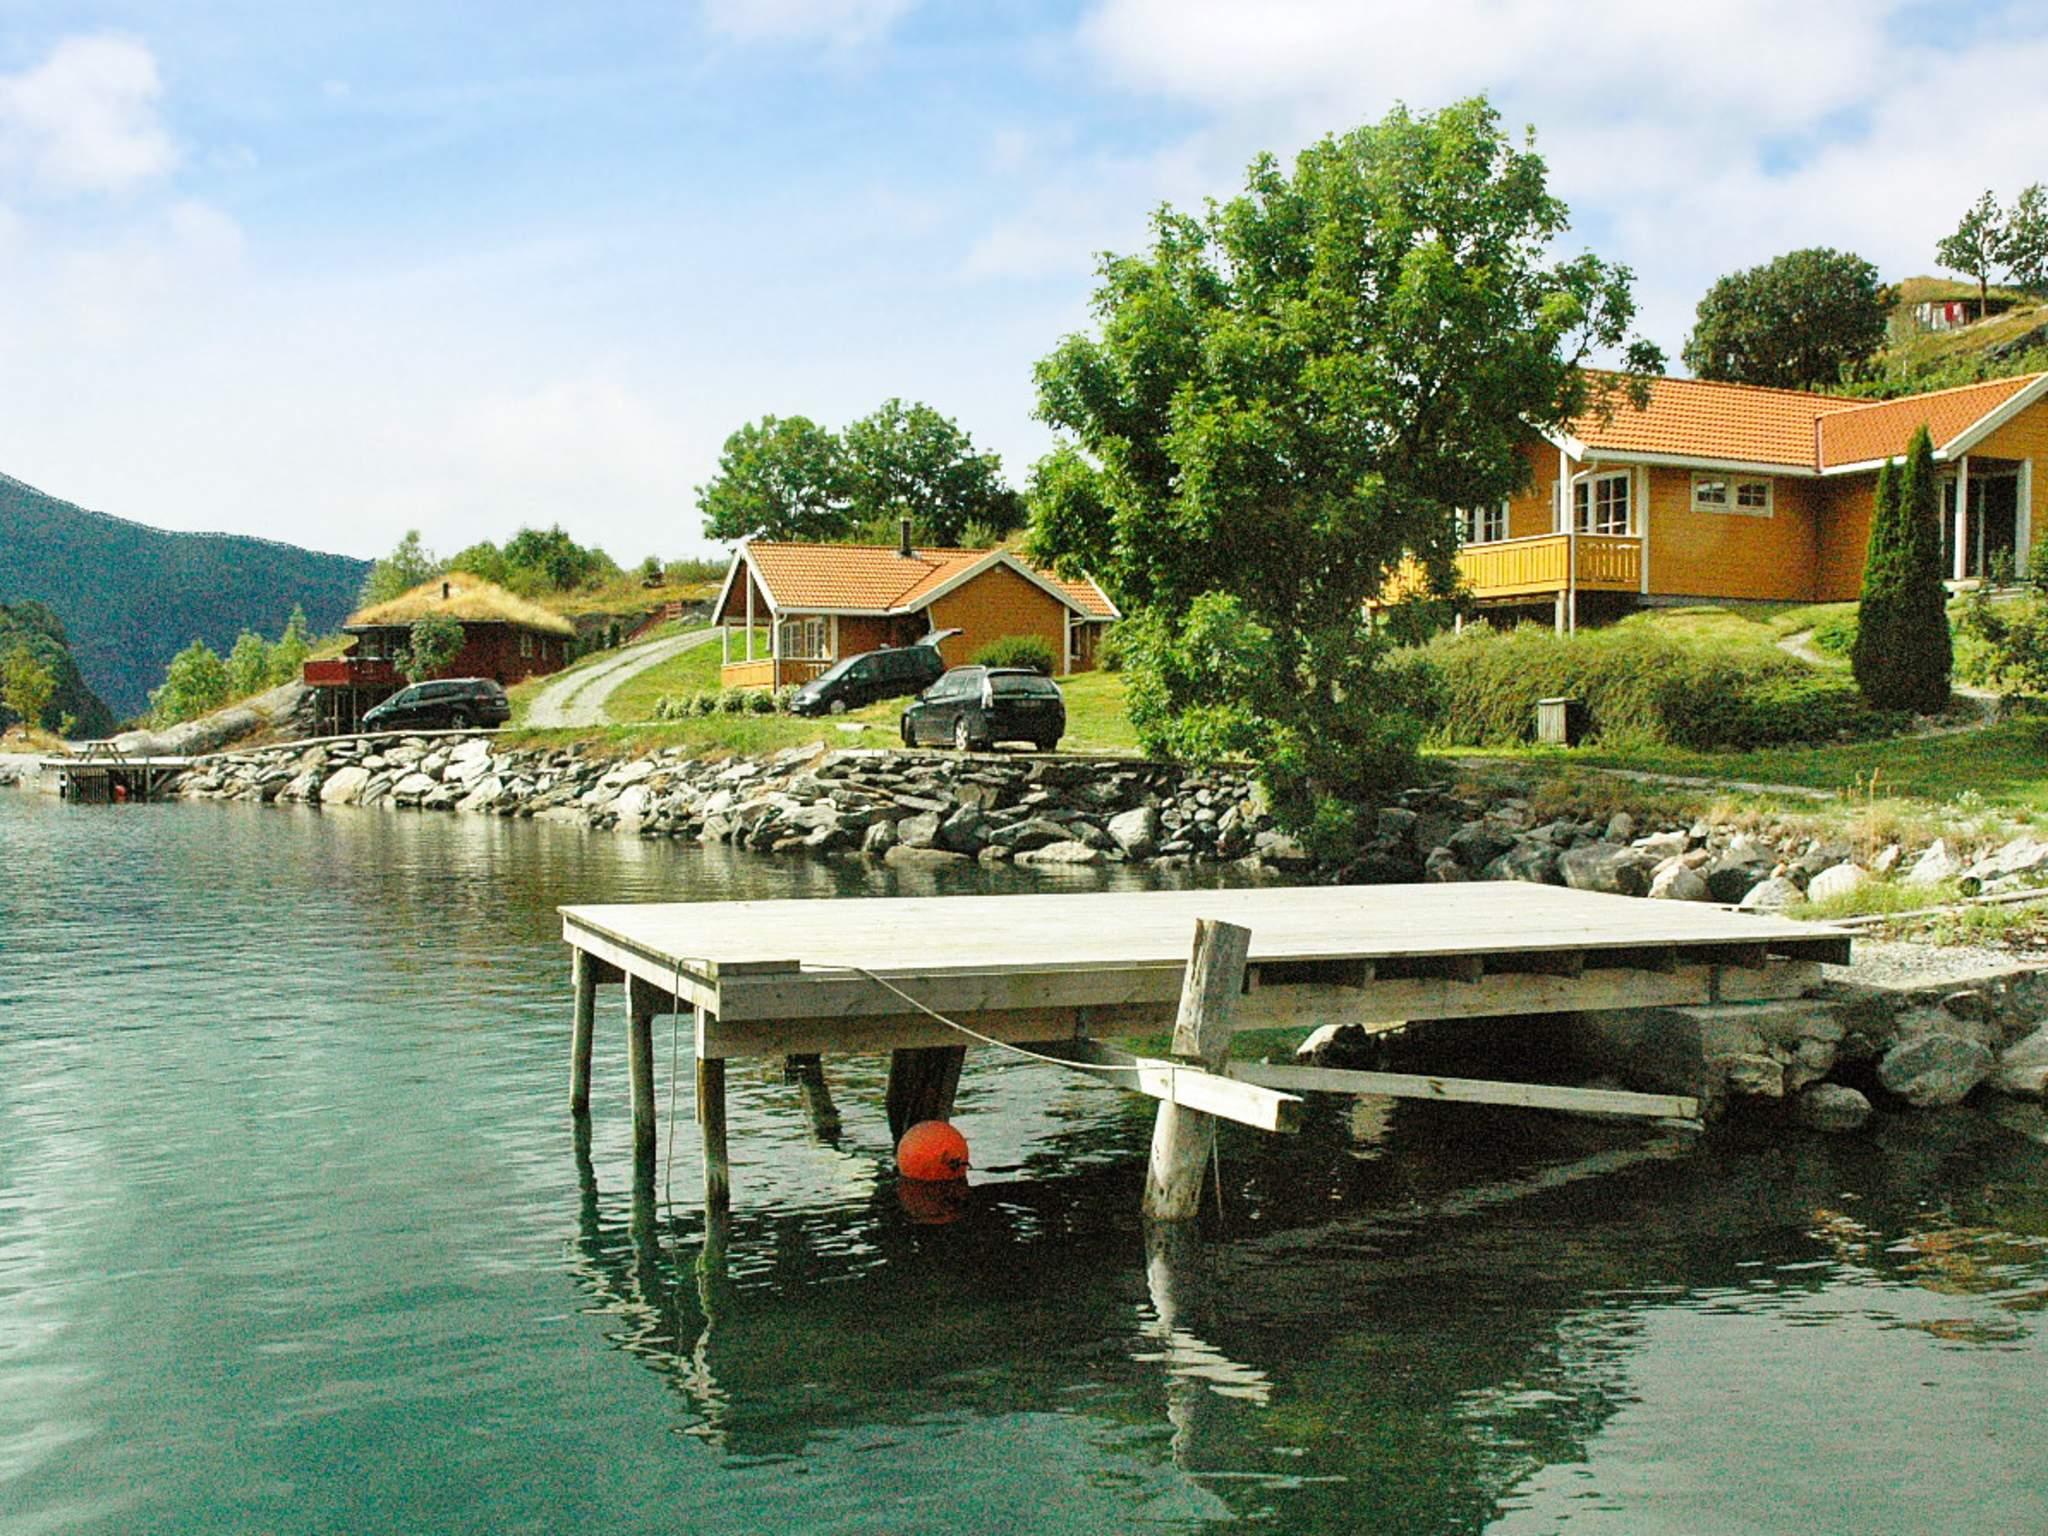 Ferienhaus Slinde (82397), Slinde, Sognefjord - Nordfjord, Westnorwegen, Norwegen, Bild 22